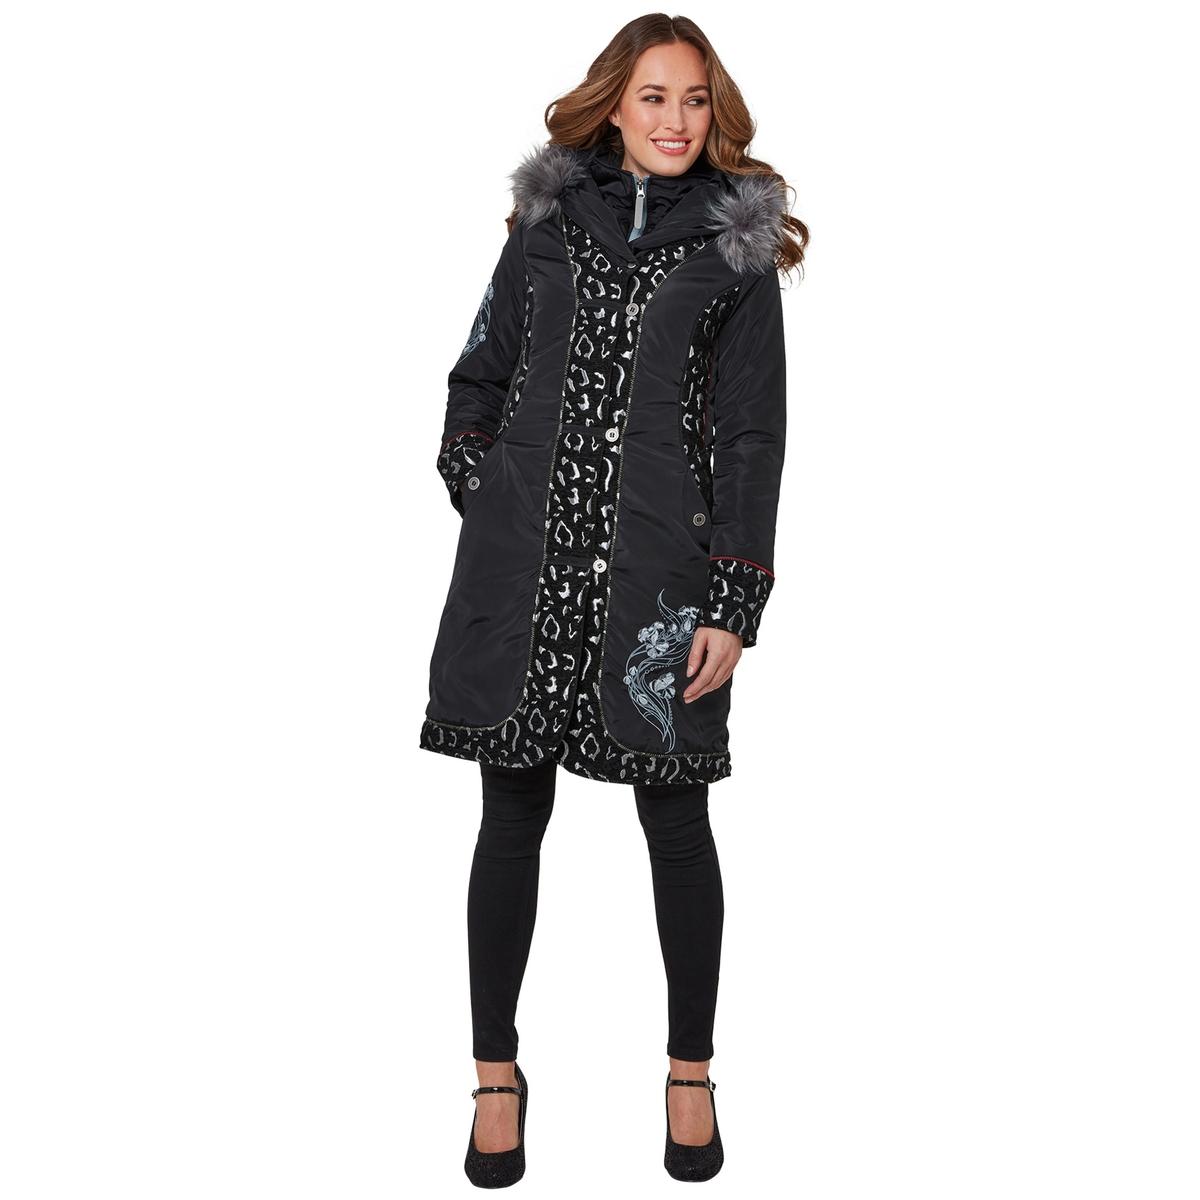 Пальто La Redoute Средней длины с капюшоном из искусственного меха 38 (FR) - 44 (RUS) черный цены